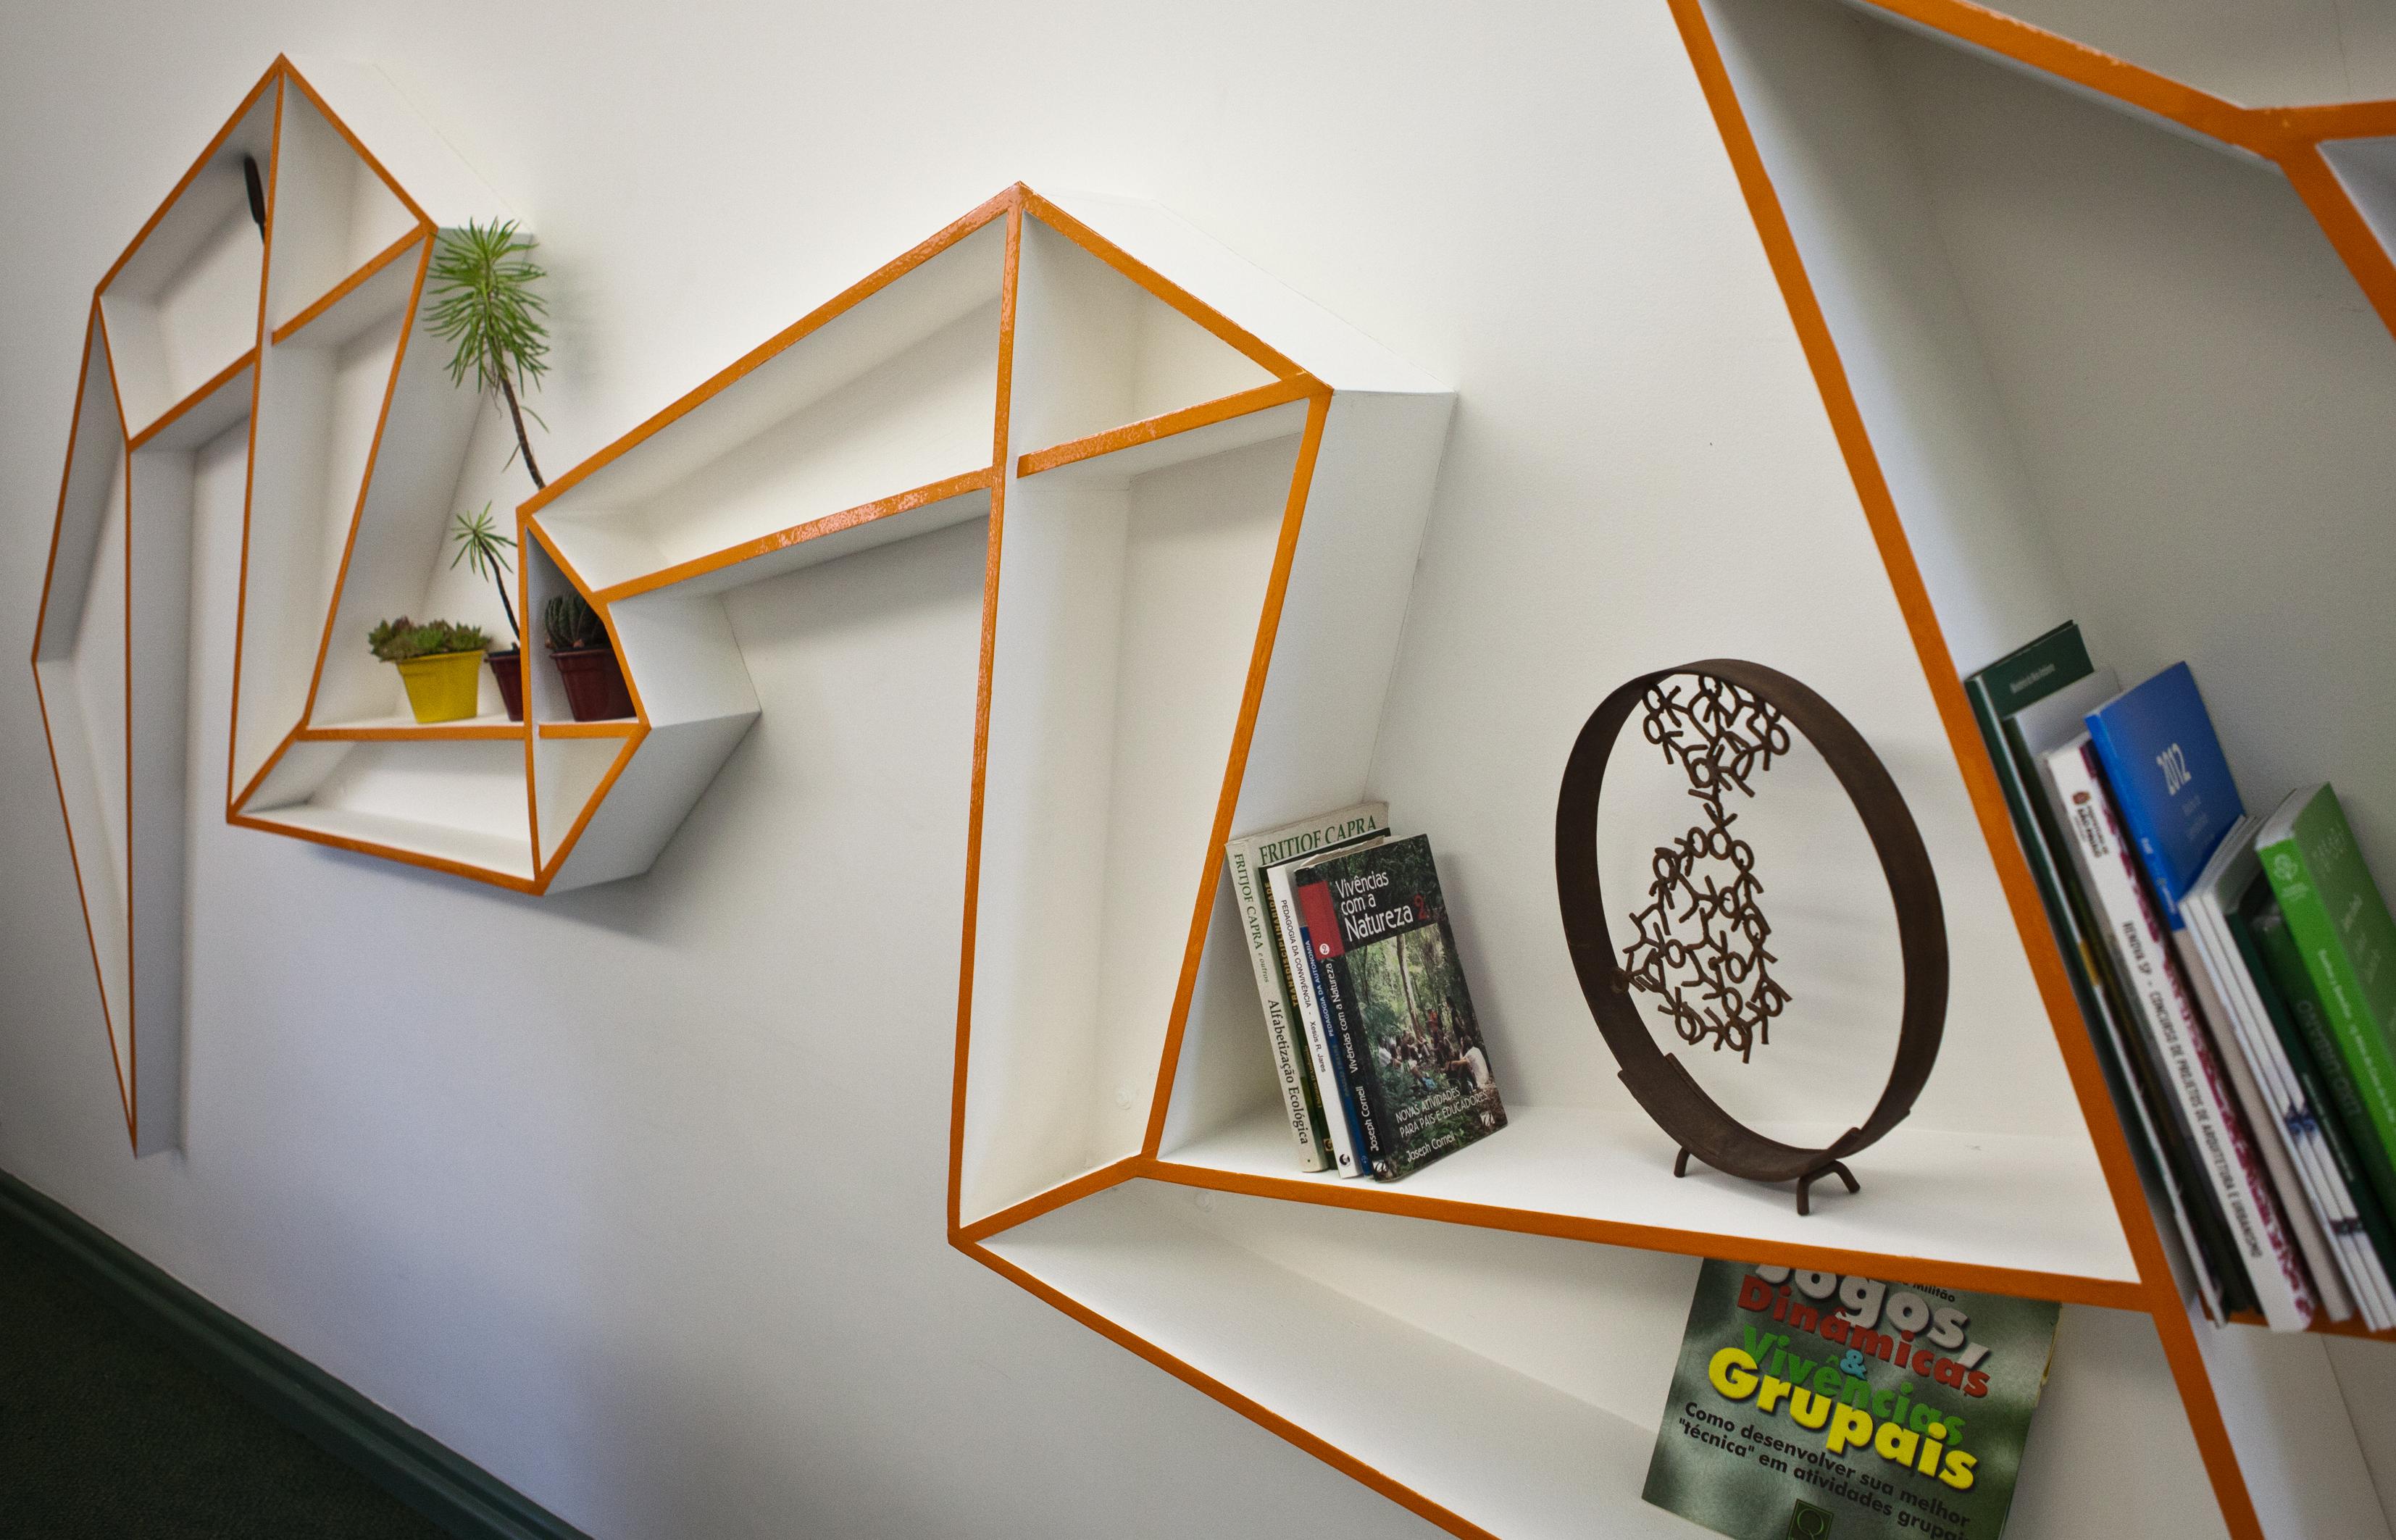 Design oficina de m veis e objetos for Objetos decorativos para oficina